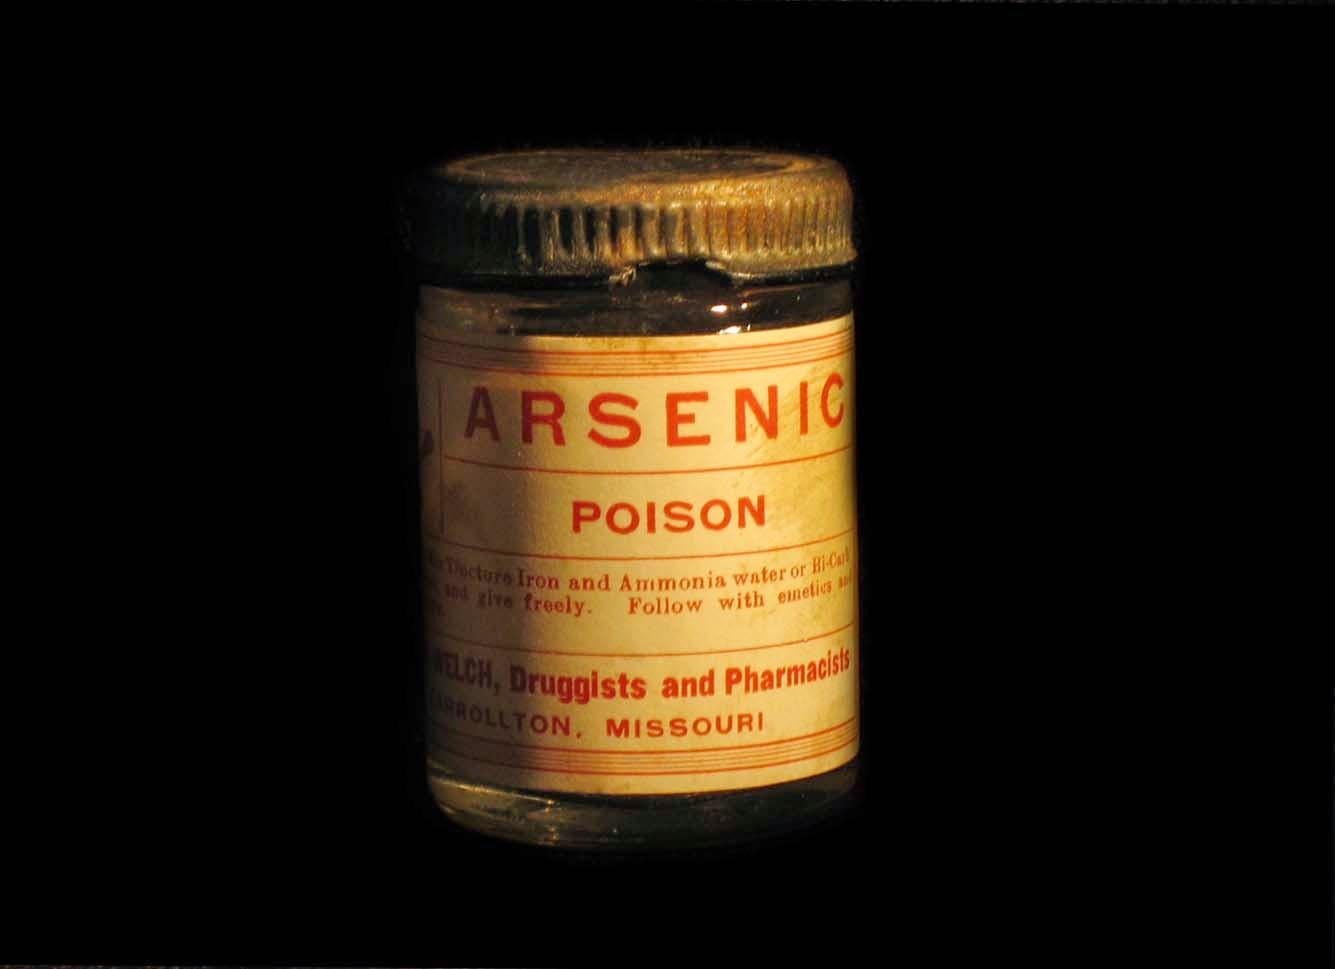 Arsenic poison bottle